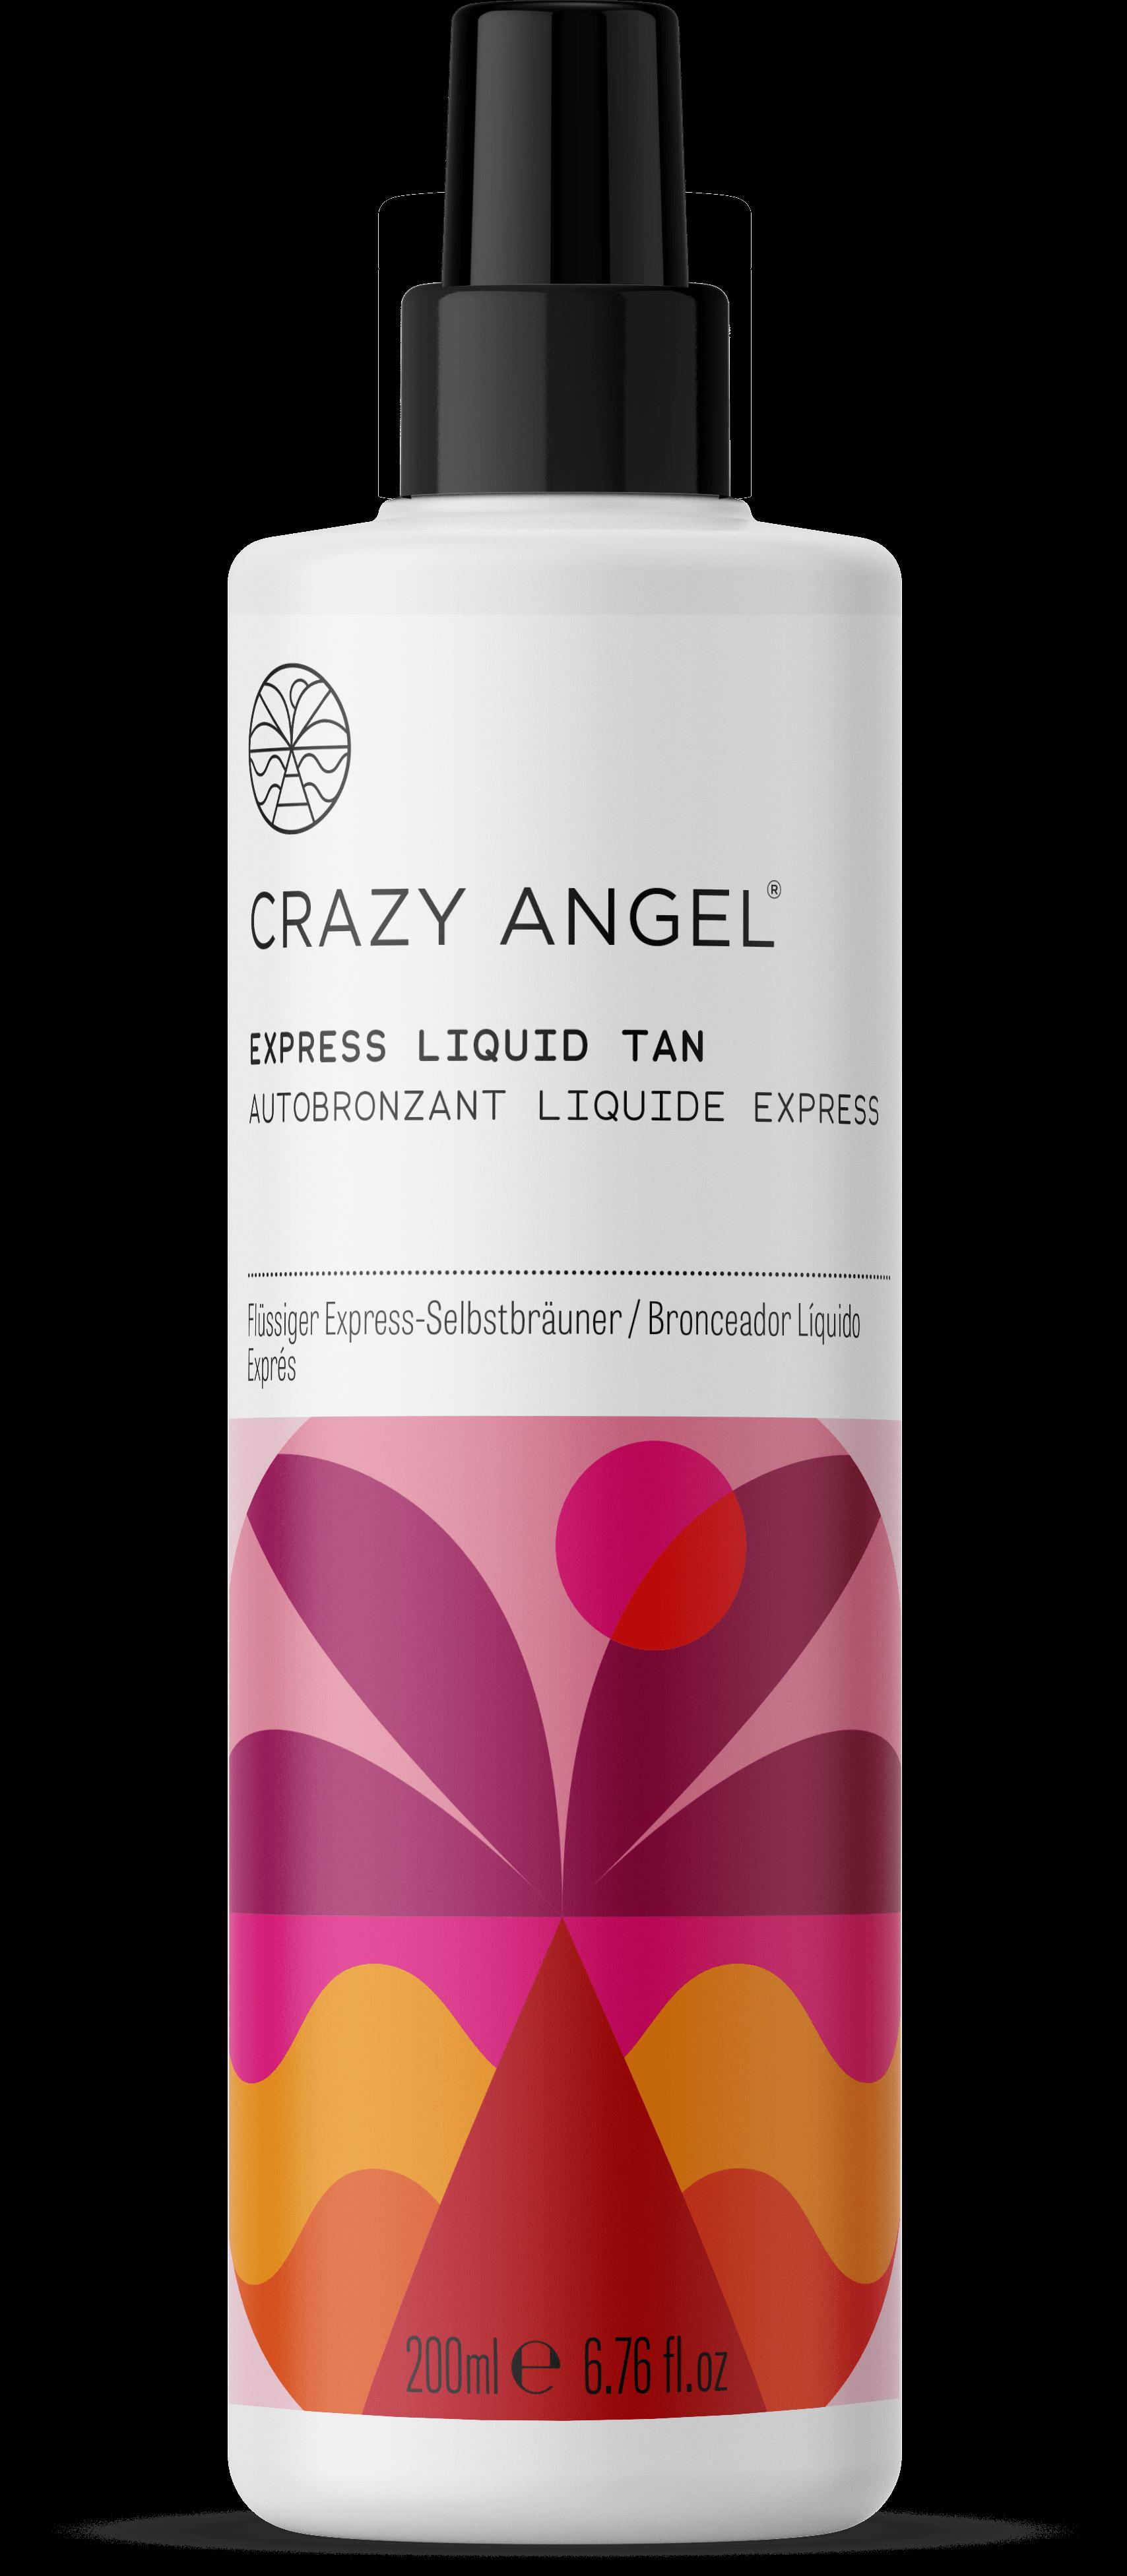 Crazy Angel Express Self-Tan Liquid 200ml